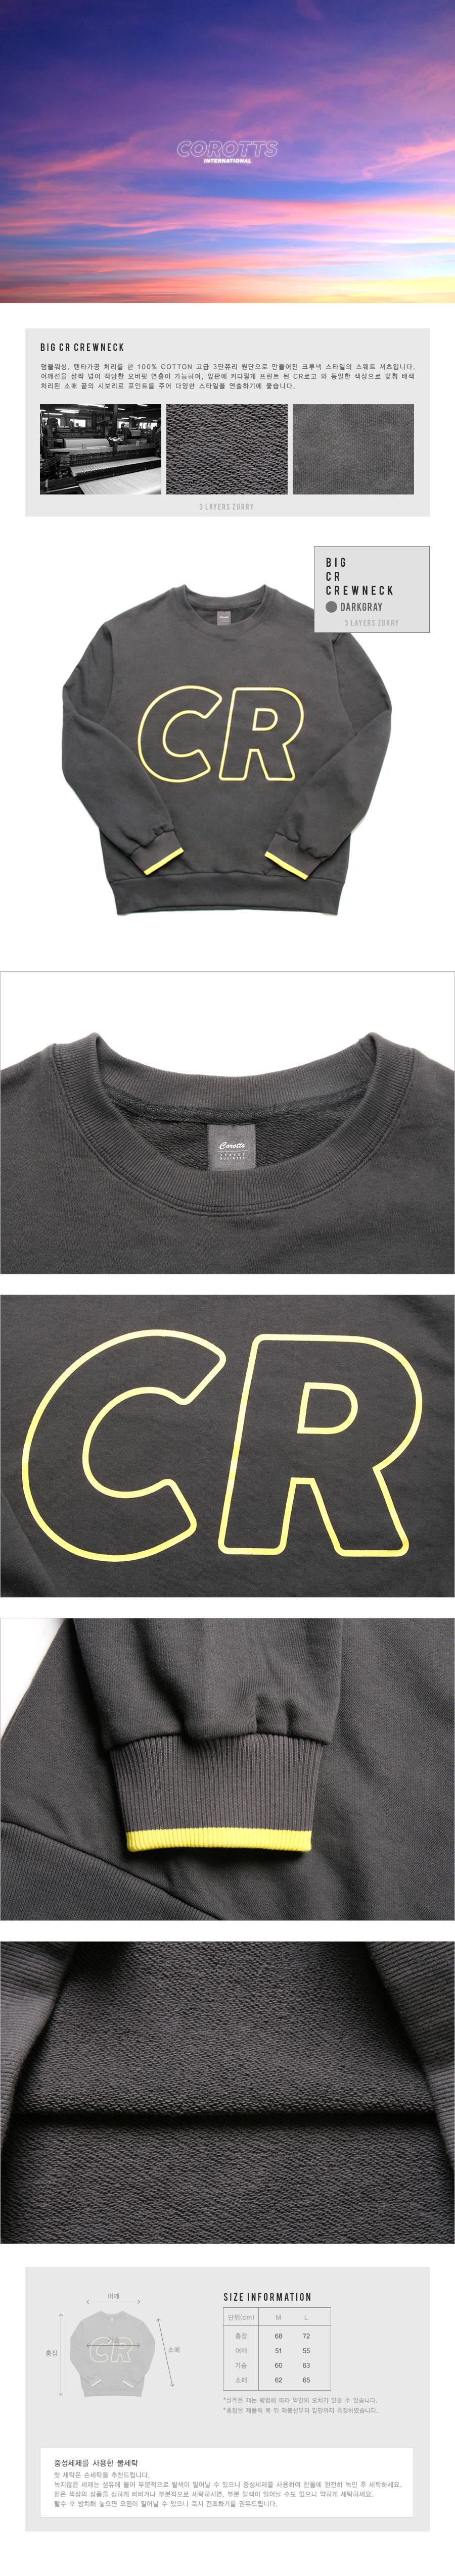 big-cr-crewneck-(darkgray).jpg